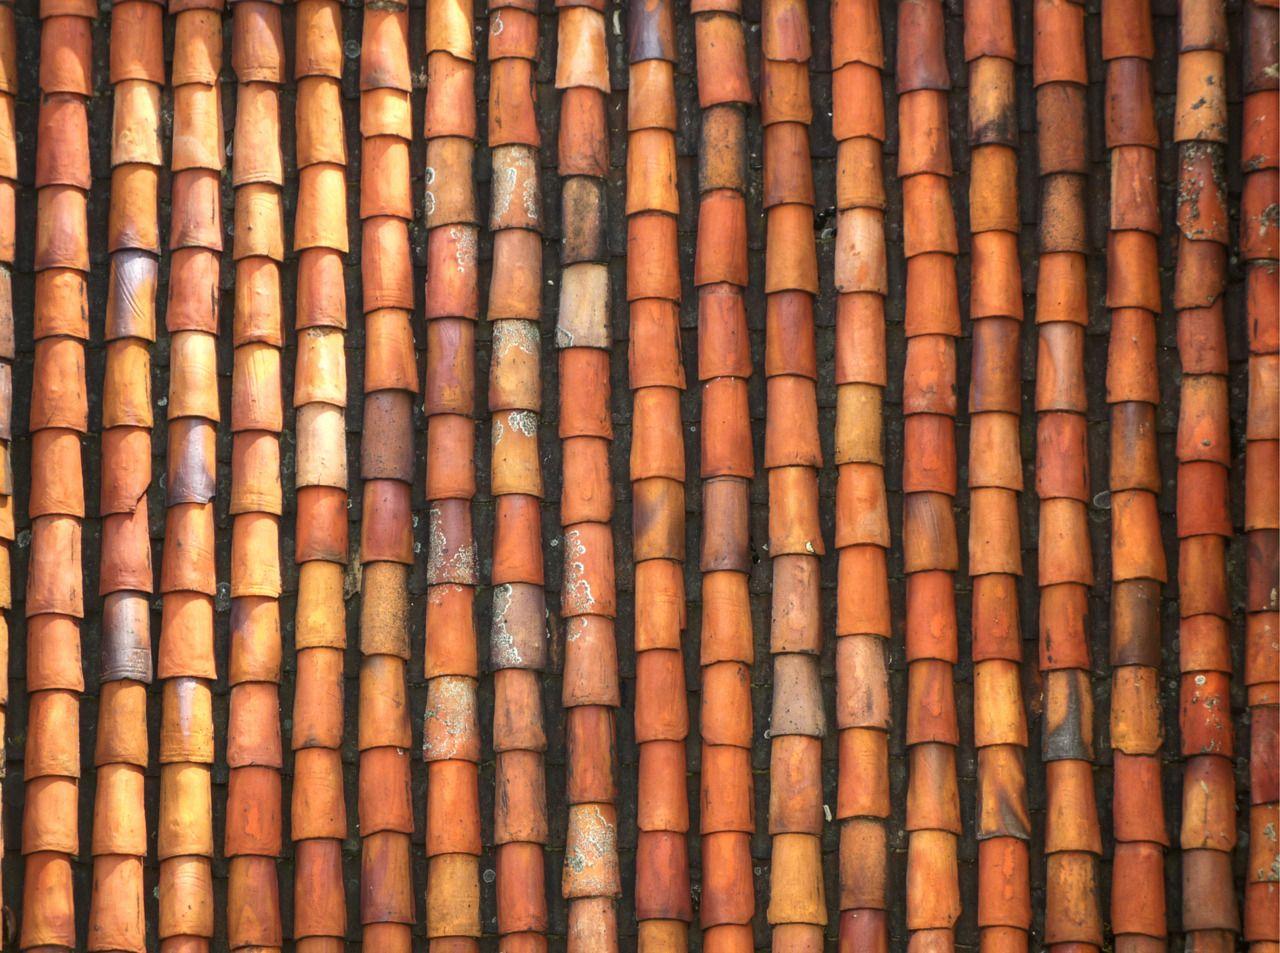 Terracotta Roof Tiles Tekstury Domiki Risunki